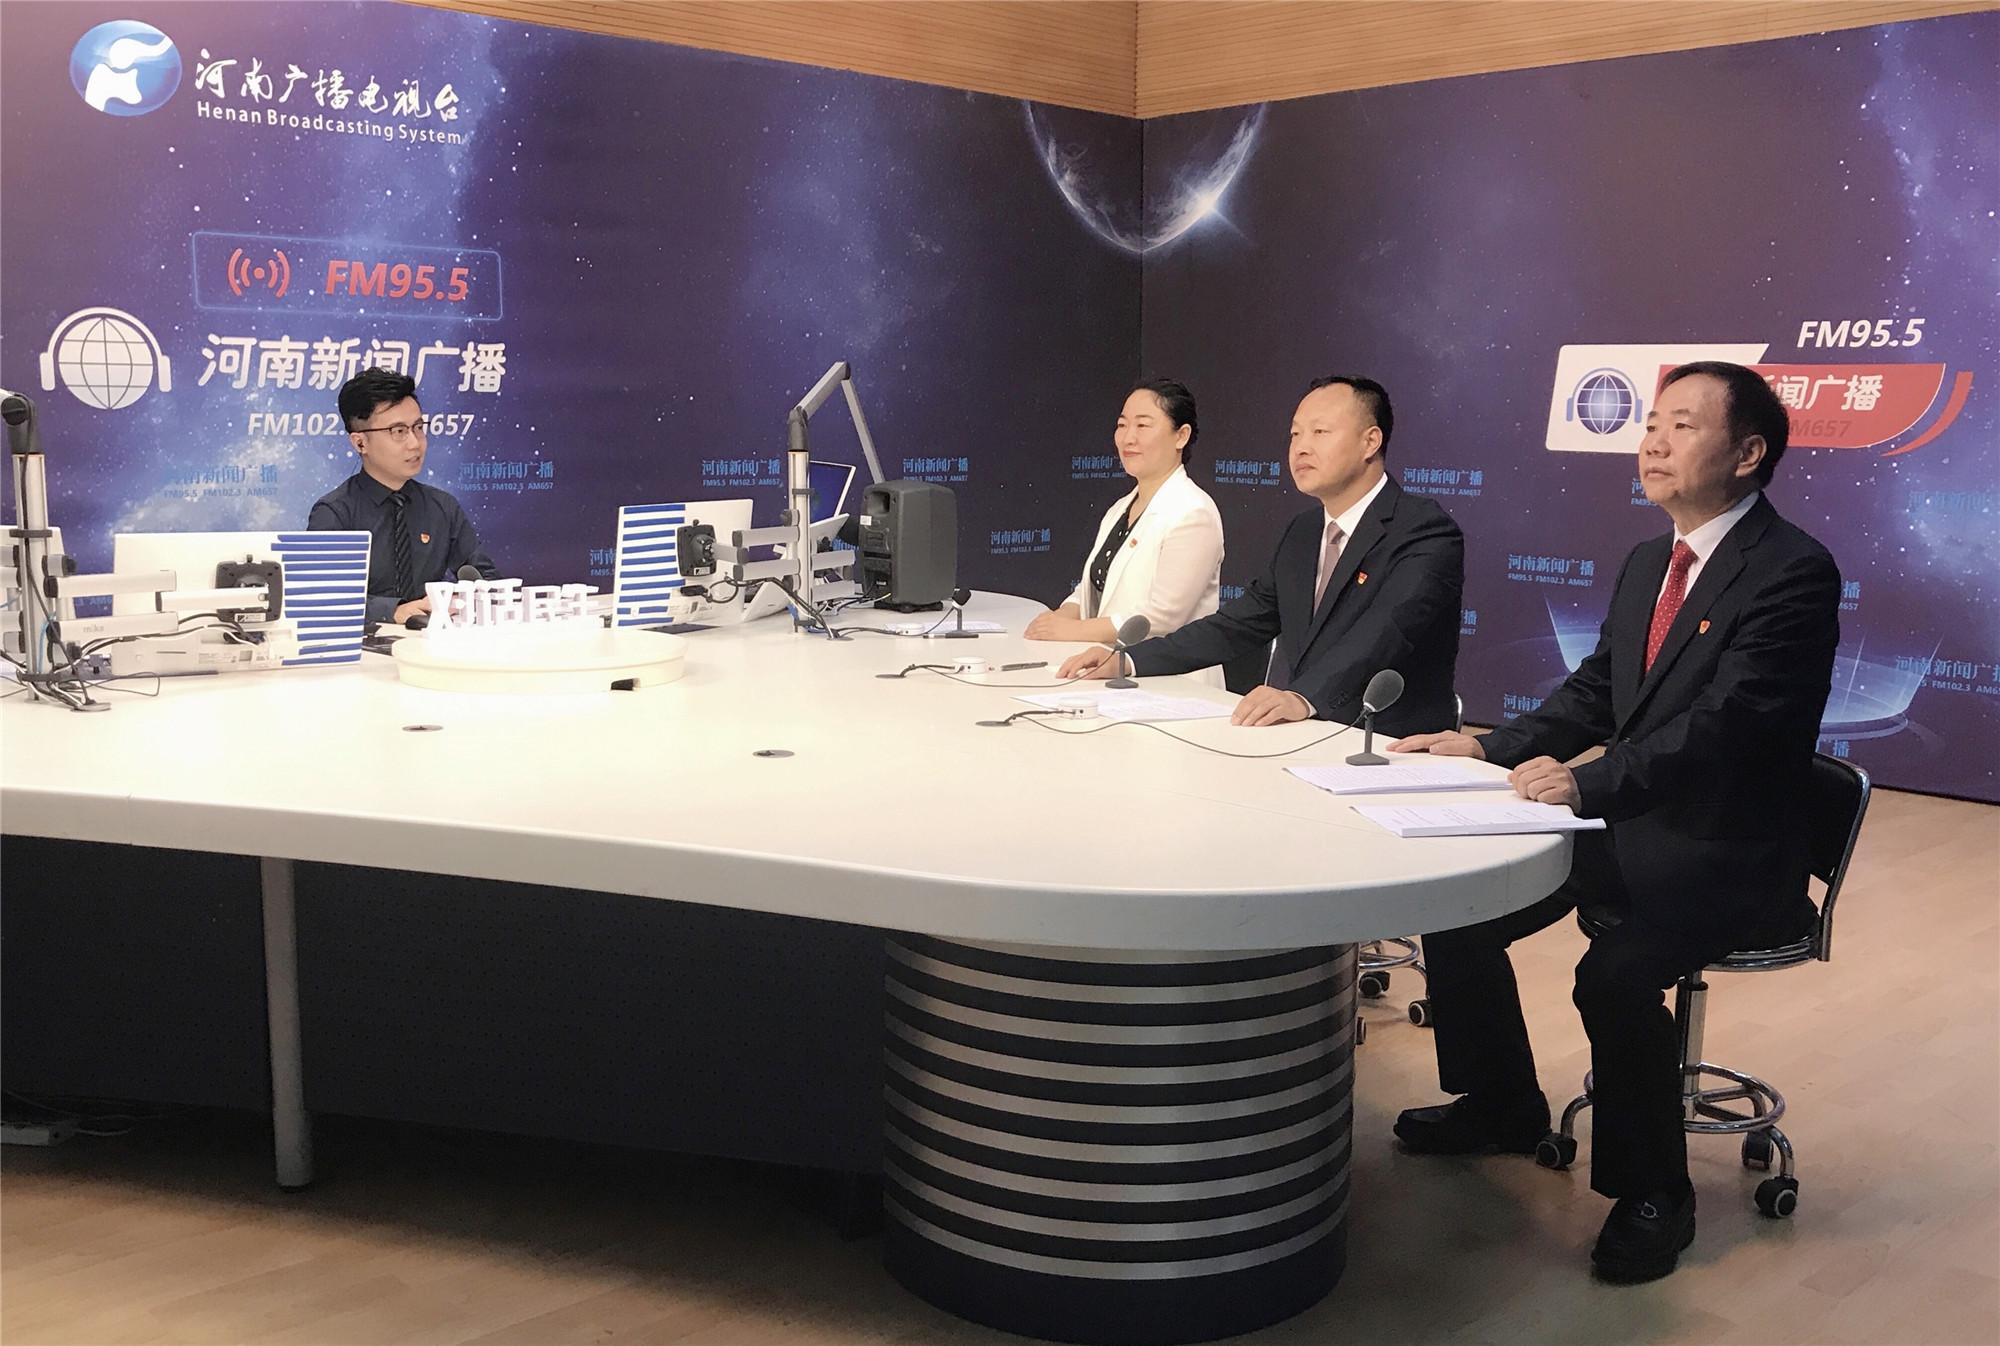 9月23日郏县县委书记王景育一行做客《对话民生》栏目.1.jpg